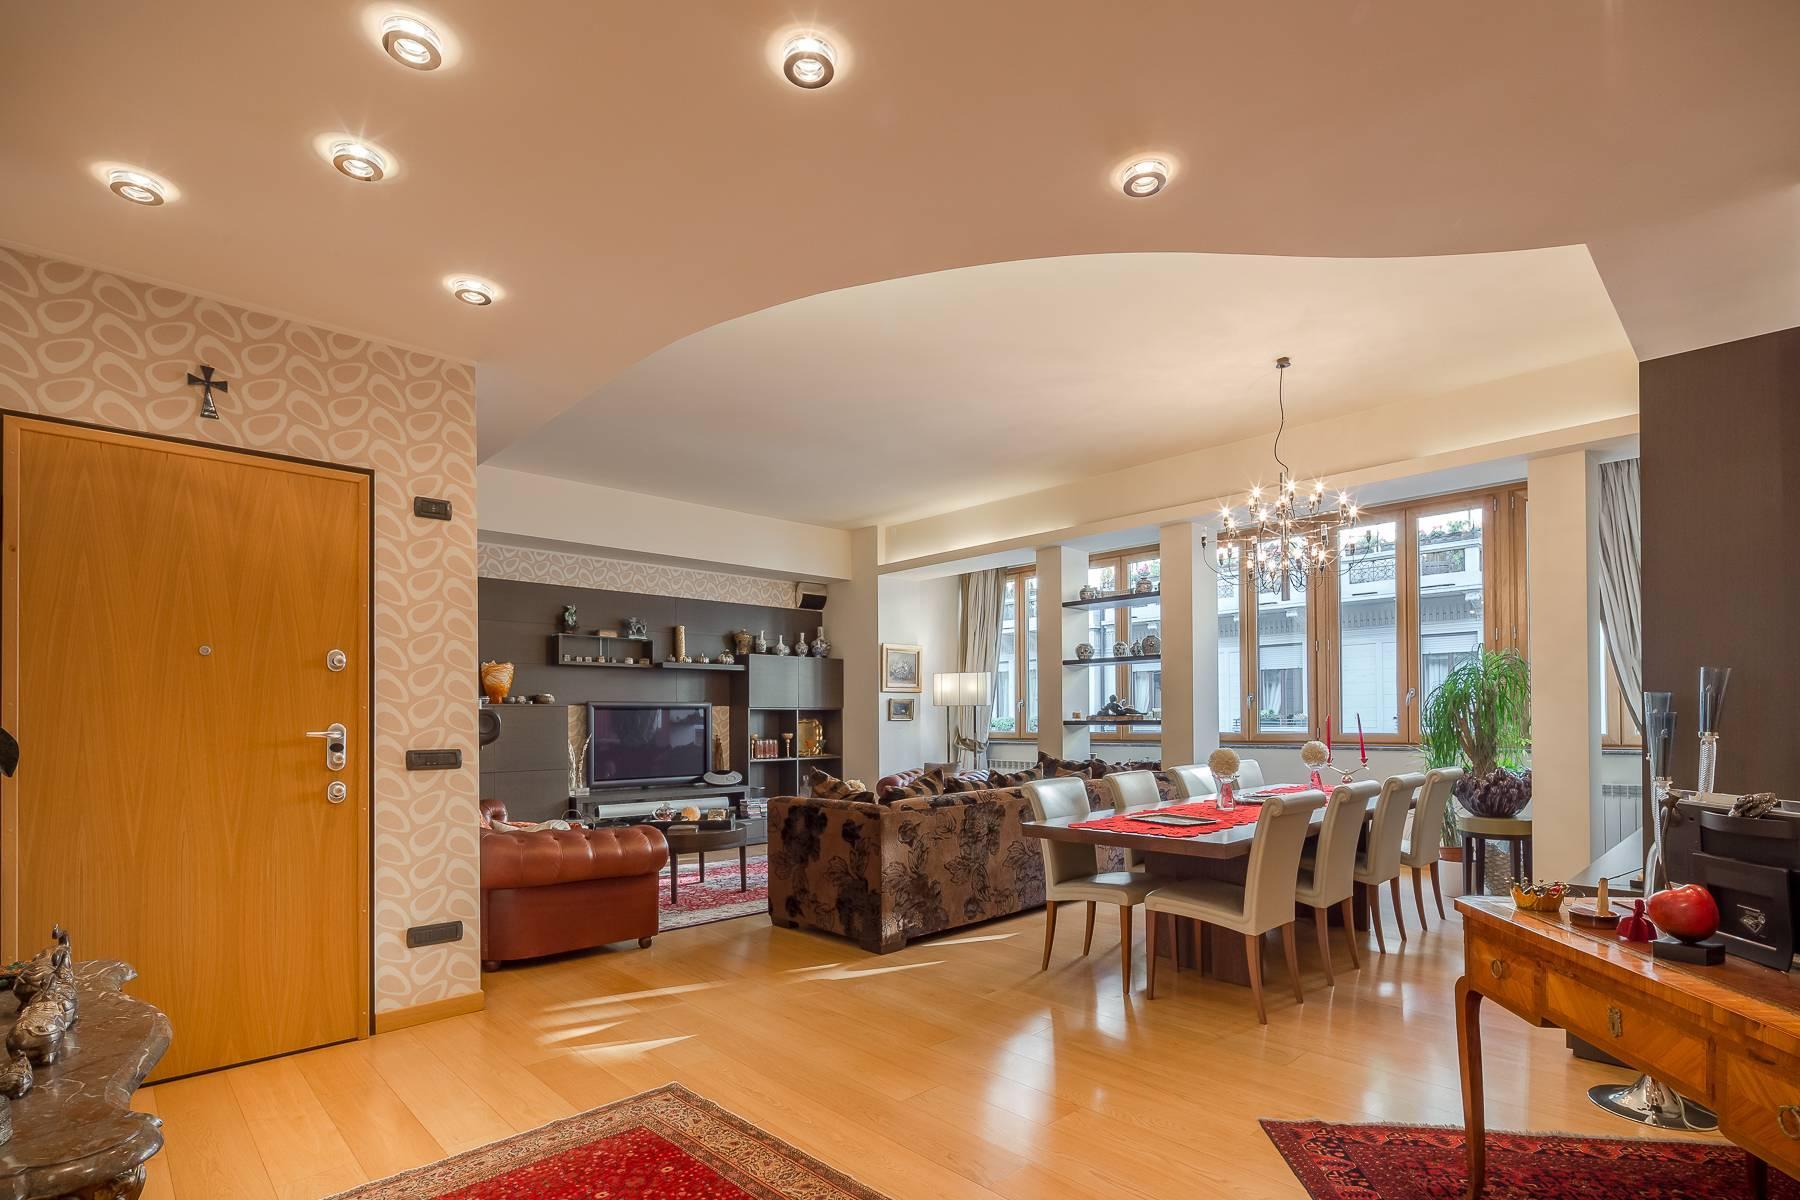 Appartement de style classique situé Via Besana - 14